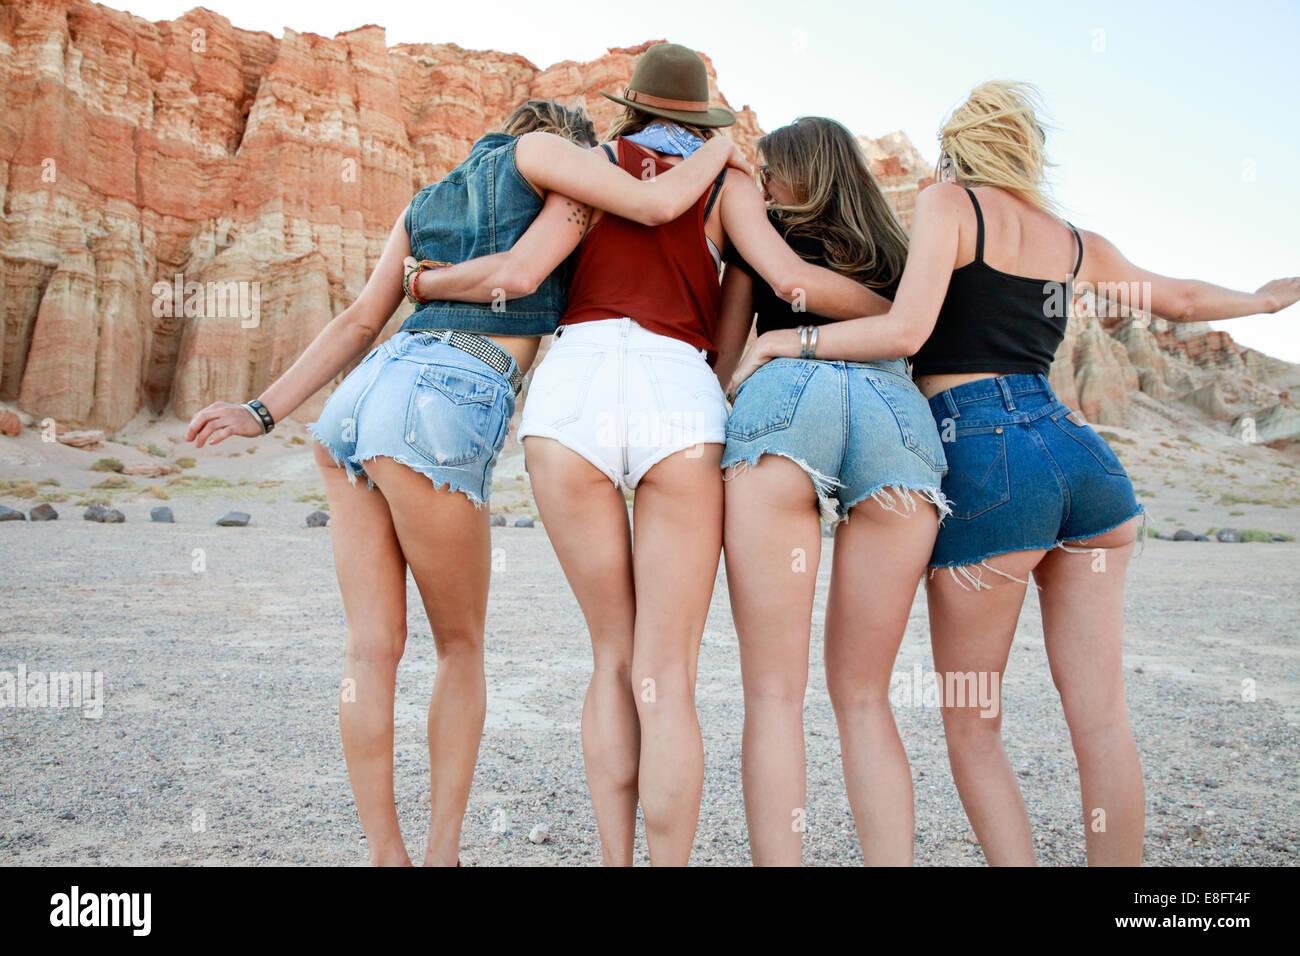 Vista posteriore di quattro donne che indossano pantaloncini denim Immagini Stock